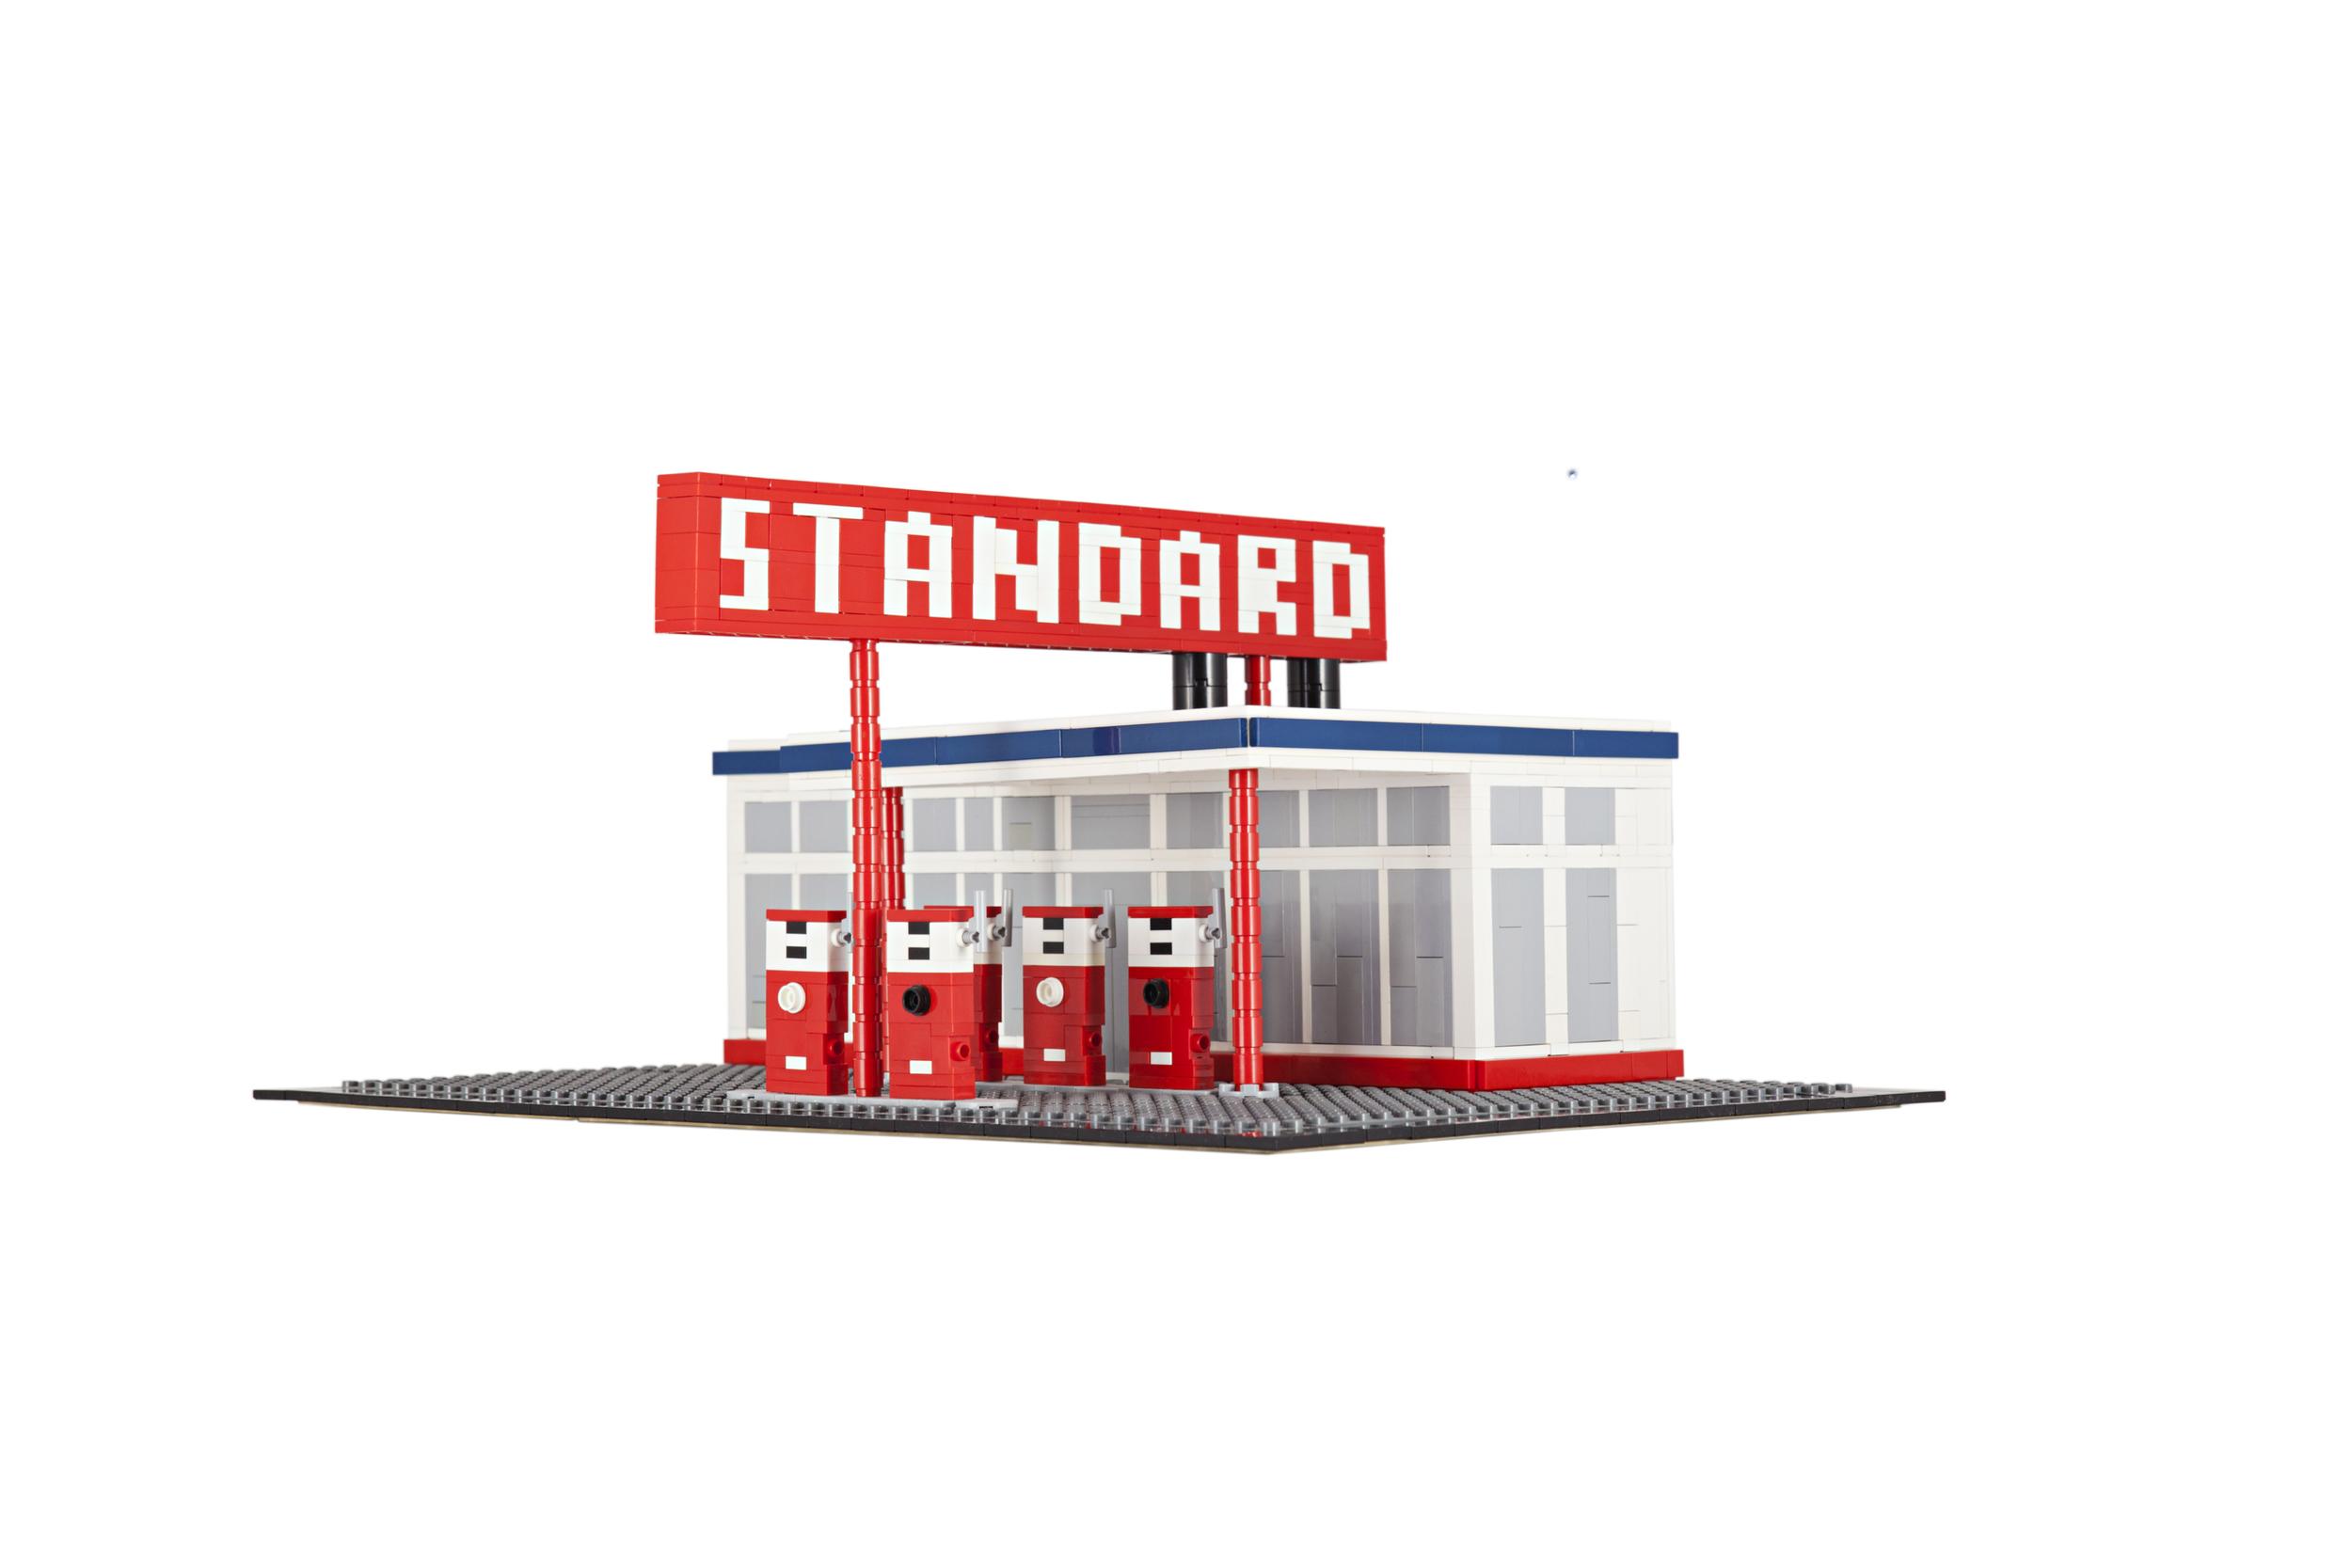 standard.jpg